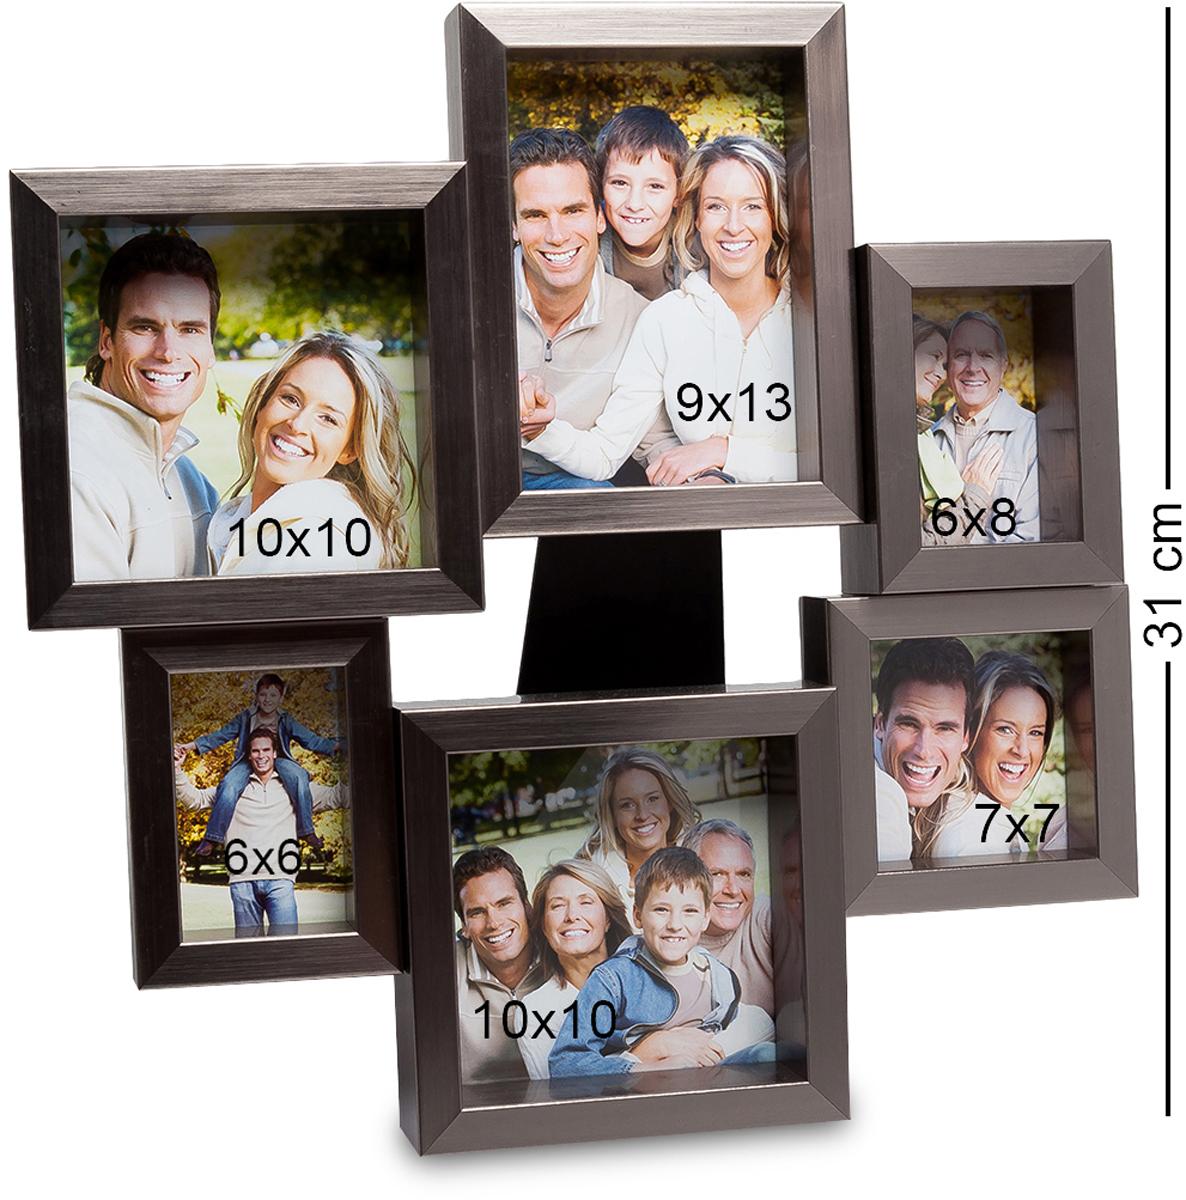 Панно из фоторамок Bellezza Casa Семейная история, на 6 фото: 9х13, 6х8, 7х7, 10х10. CHK-135CHK-135Панно из фоторамок на 6 фото для фотографий 5х8, 9х13, 10х10 и 9х9 см. Фоторамка настенная украсит ваши комнаты красивыми фотографиями. Она необычная, неординарная, рамочки расположены, как бы по кругу и отличаются своим размером. То есть вы сможете вложить в них не только фото одного размера, но и разные. Это могут быть как фото любимого мужа и жены, драгоценных детишек и других членов семьи. На настенной фторамке Семейная история места хватит всем. Она не просто оригинальна, но и красива. И, что в ней привлекает, кроме всего прочего, так это ее цвет. Изысканный, дорогой цвет металла делает и саму рамку дорогой и роскошной.